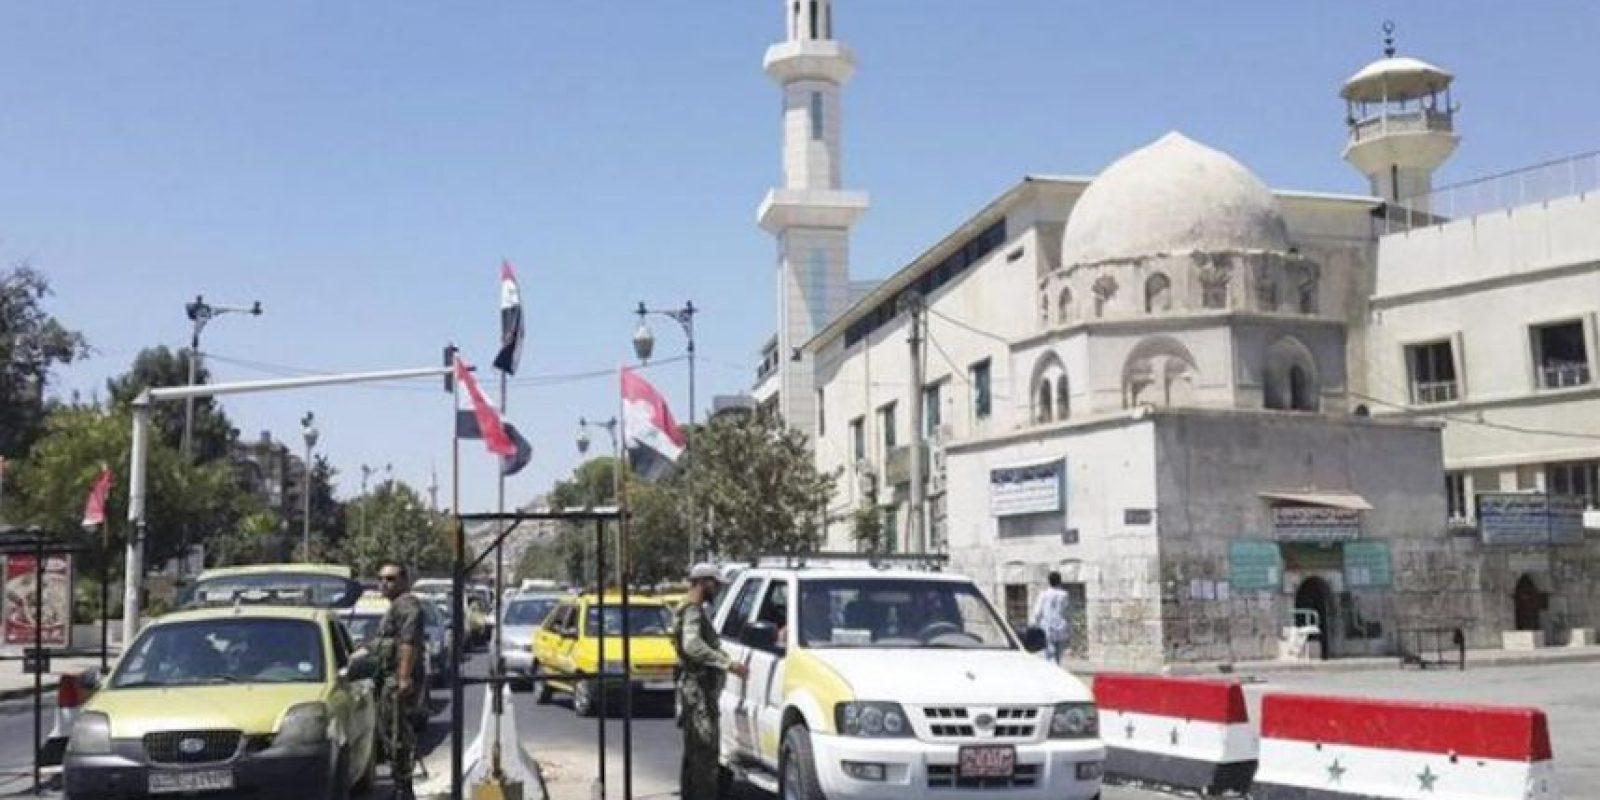 Soldados sirios revisan la identidad de conductores en un punto de control en la calle Bagdad en Damasco (Siria) este 21 de agosto de 2013. EFE